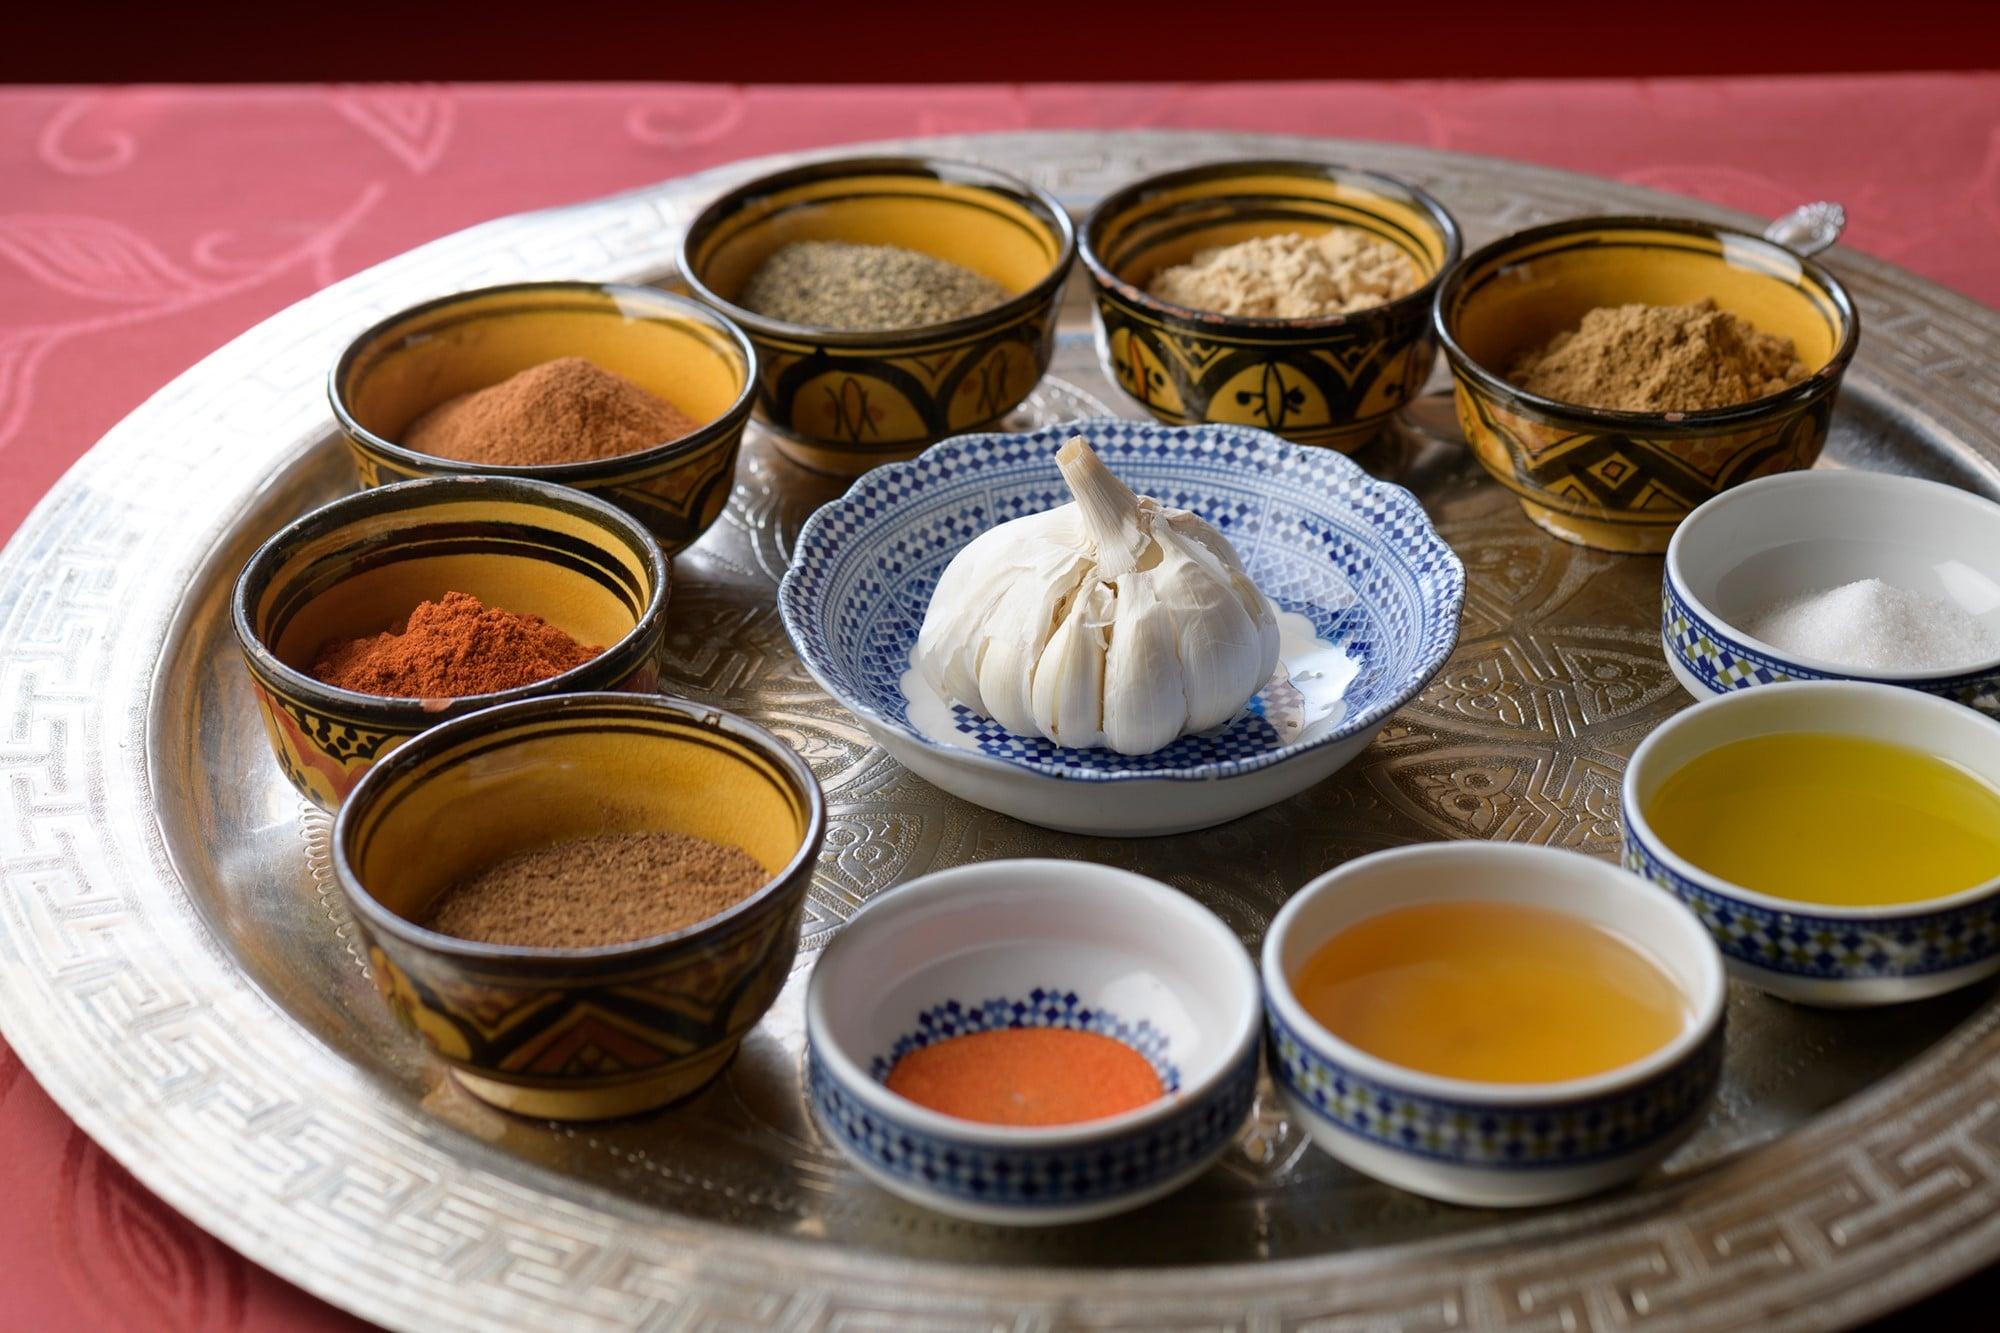 本場のモロッコ料理を再現するため、40種類以上のスパイスやハーブを駆使する。